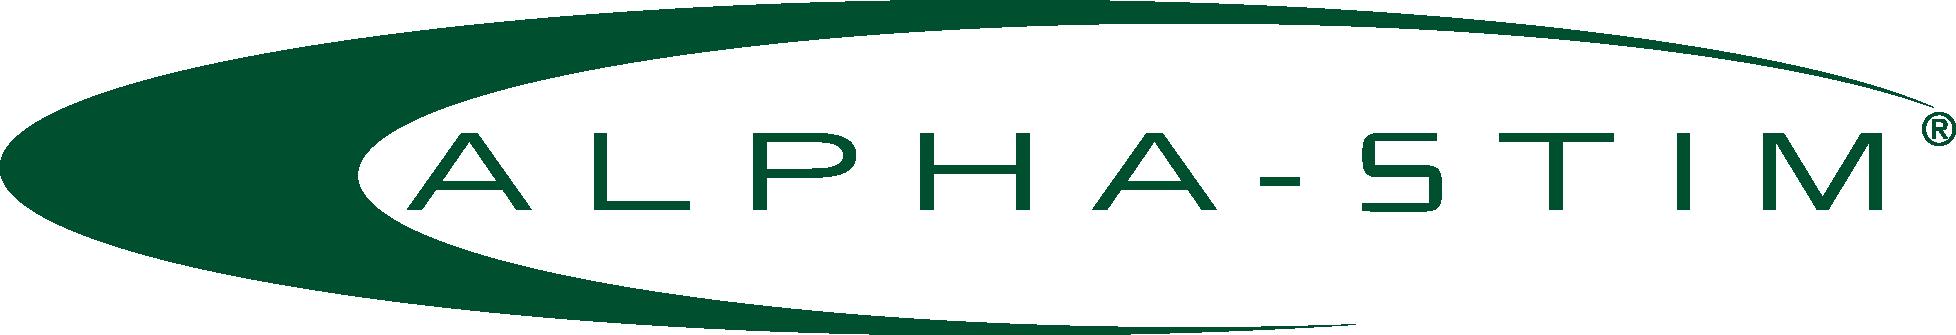 AS Logo green.png